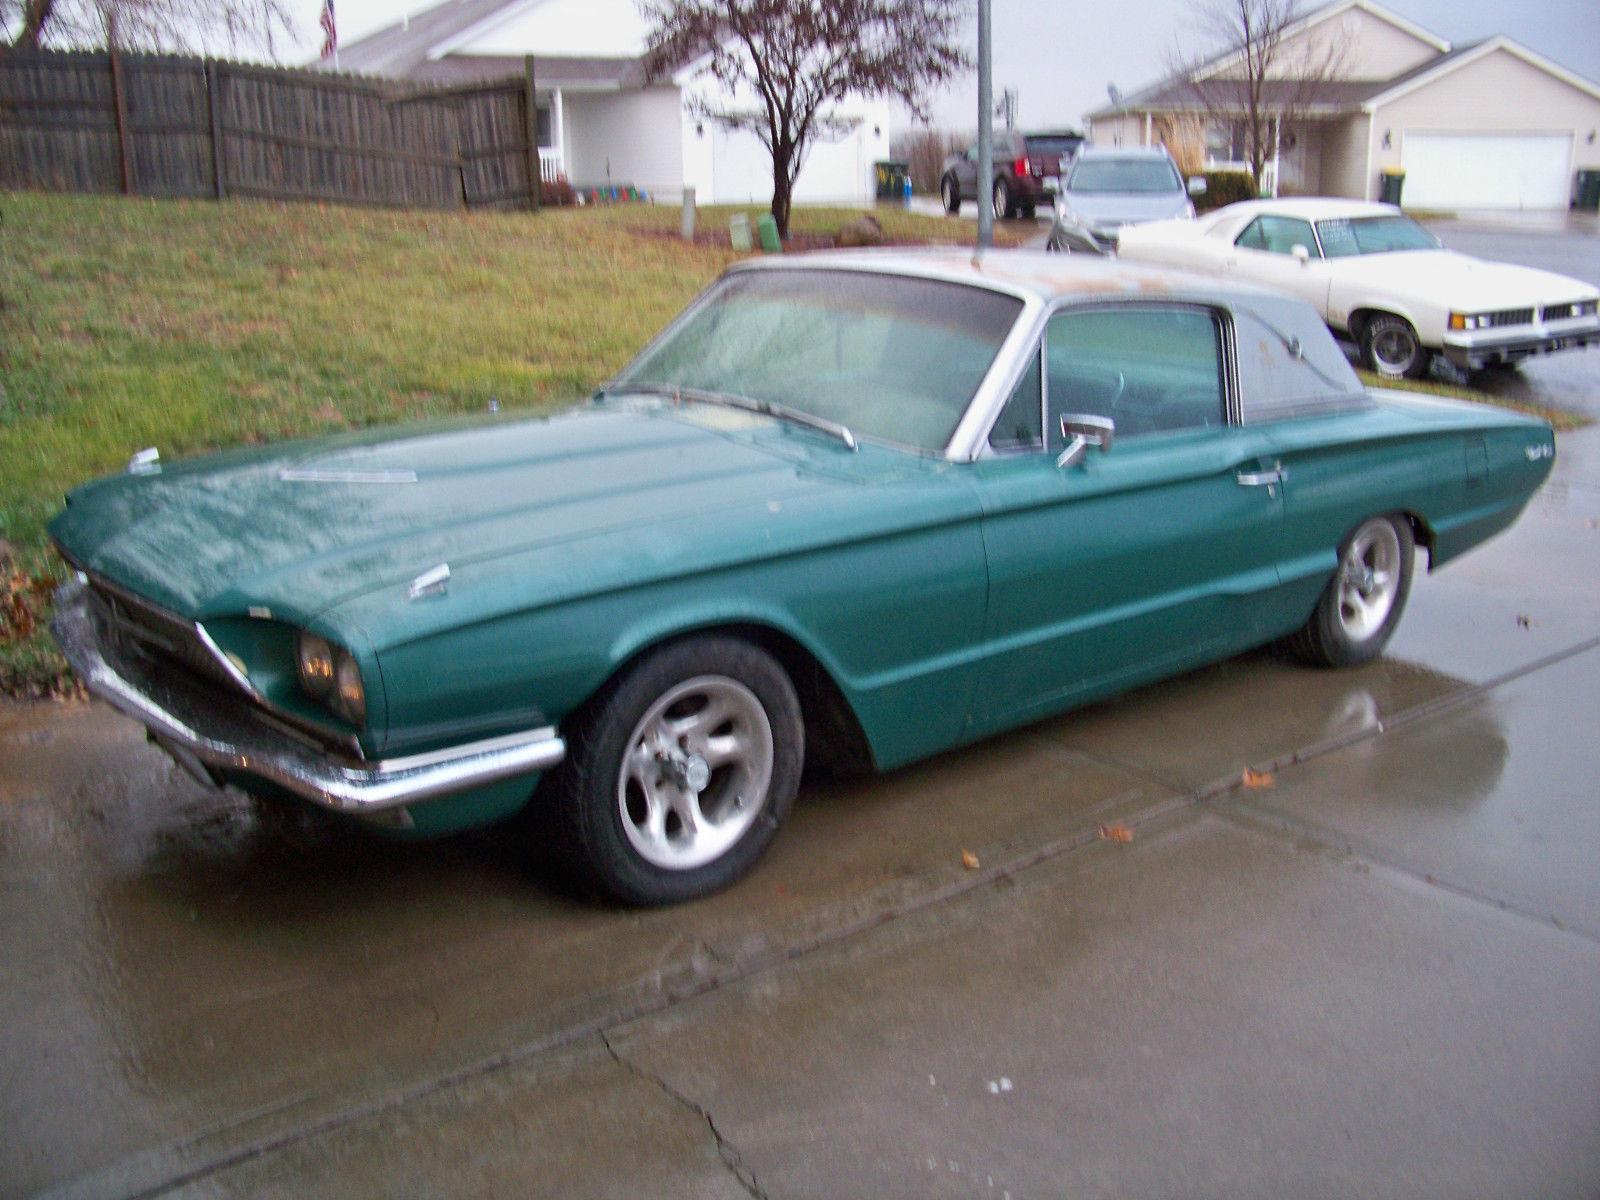 1966 Ford Thunderbird Landau Roof 390cu In